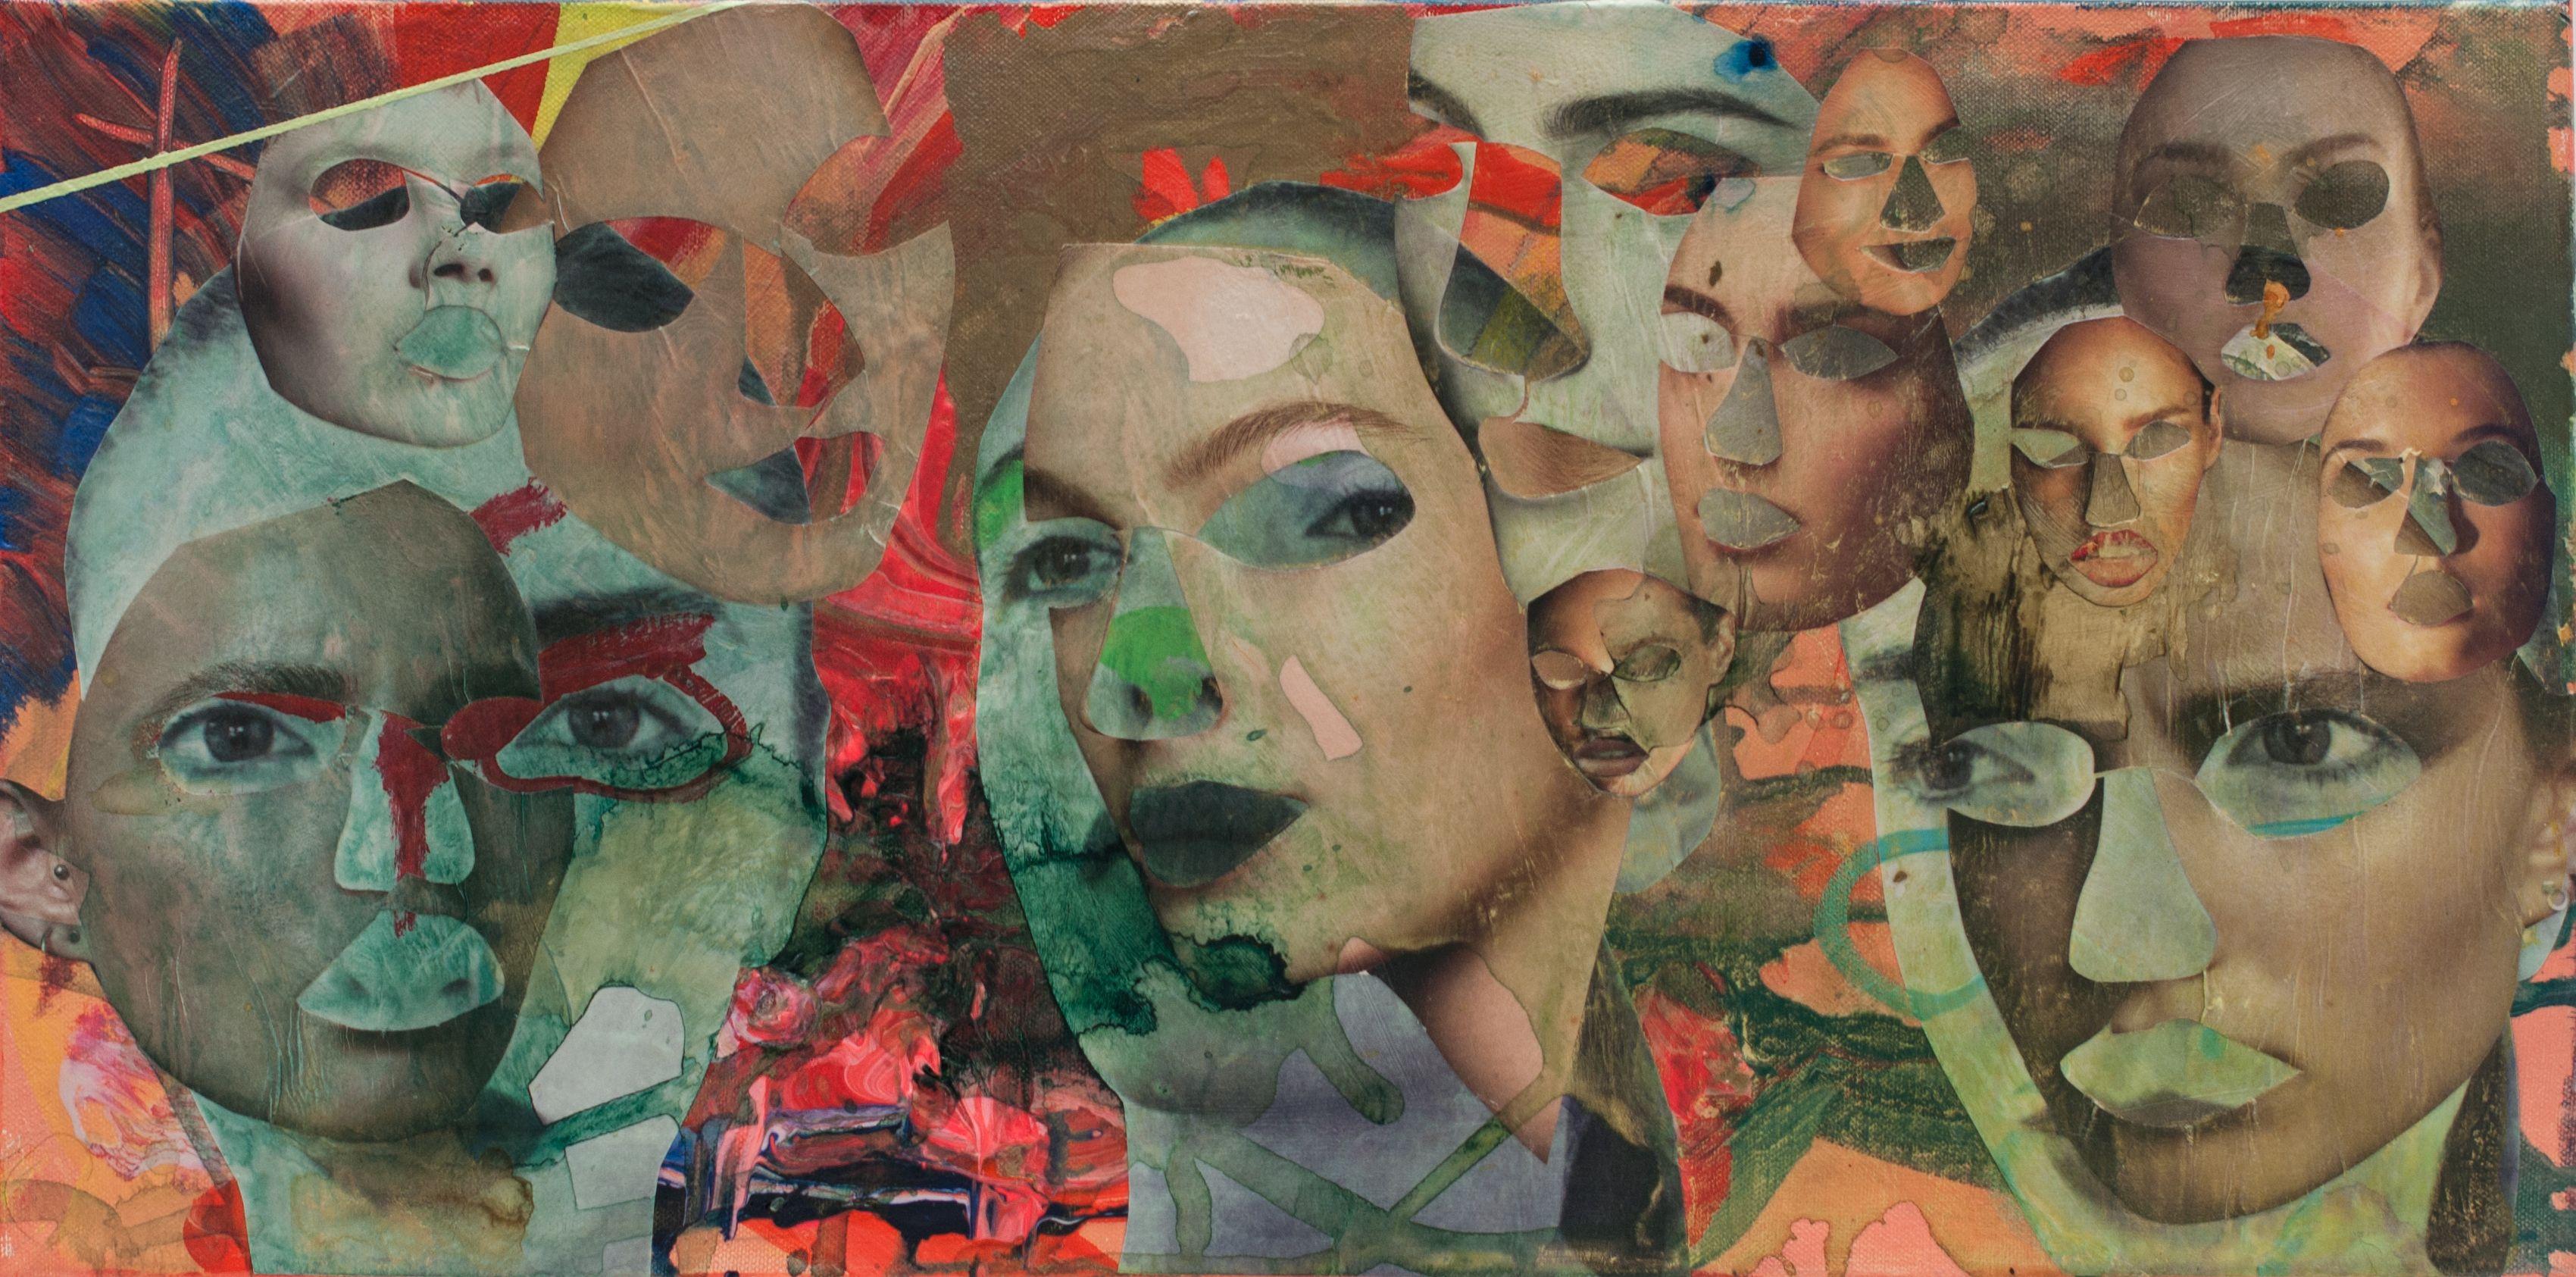 Untitled 3 Ks by Karli Henneman